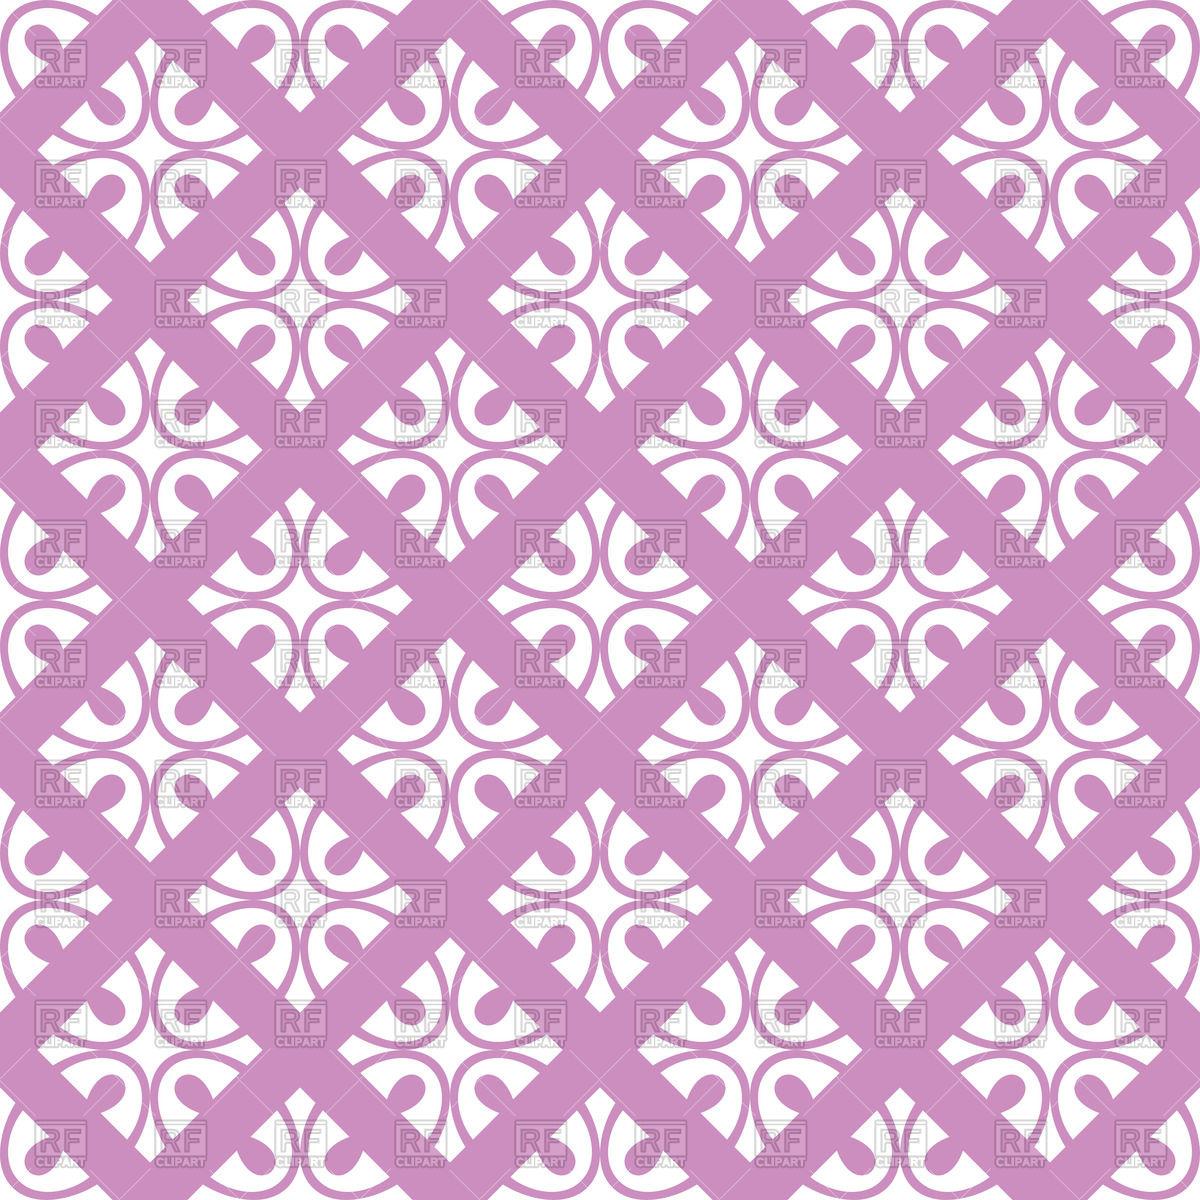 Violet seamless floral ornate wallpaper Vector Image #47245.